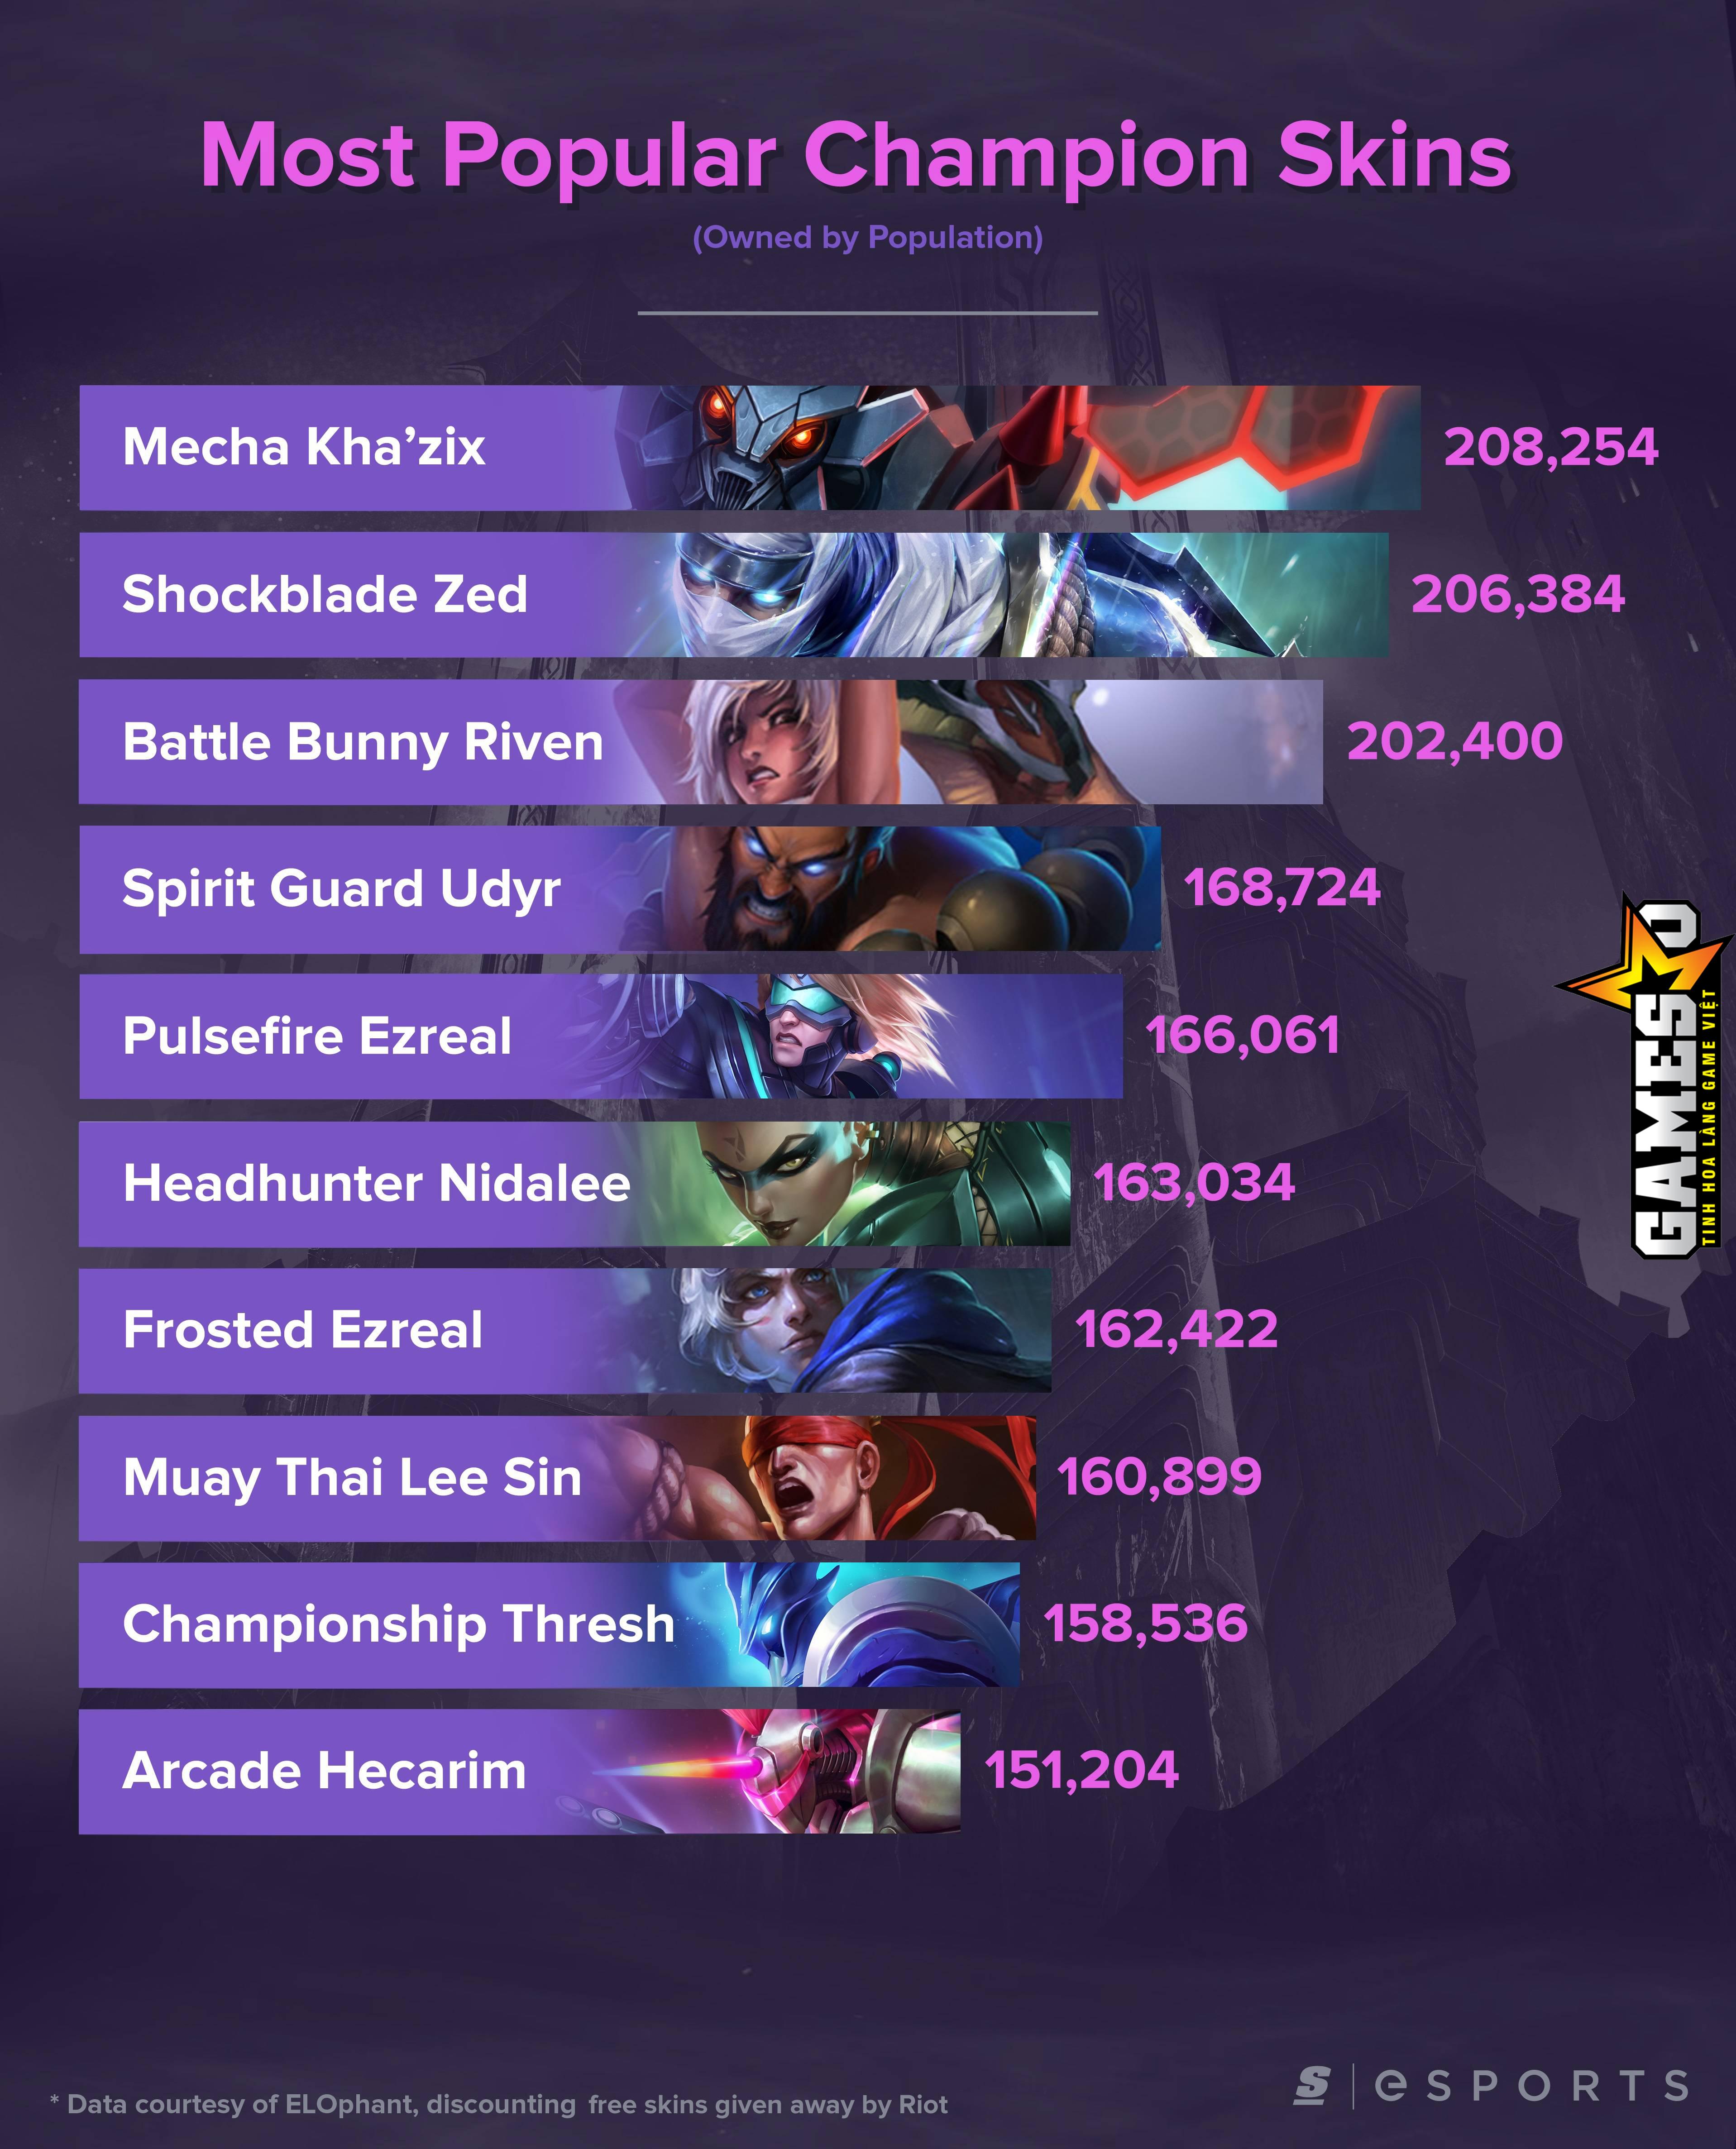 Trang theScore esports đã tạo ra một infographic mô tả lại 10 bộ trang phục  được nhiều người chơi bỏ tiền ra mua nhất trong LMHT, theo số liệu của  trang ...